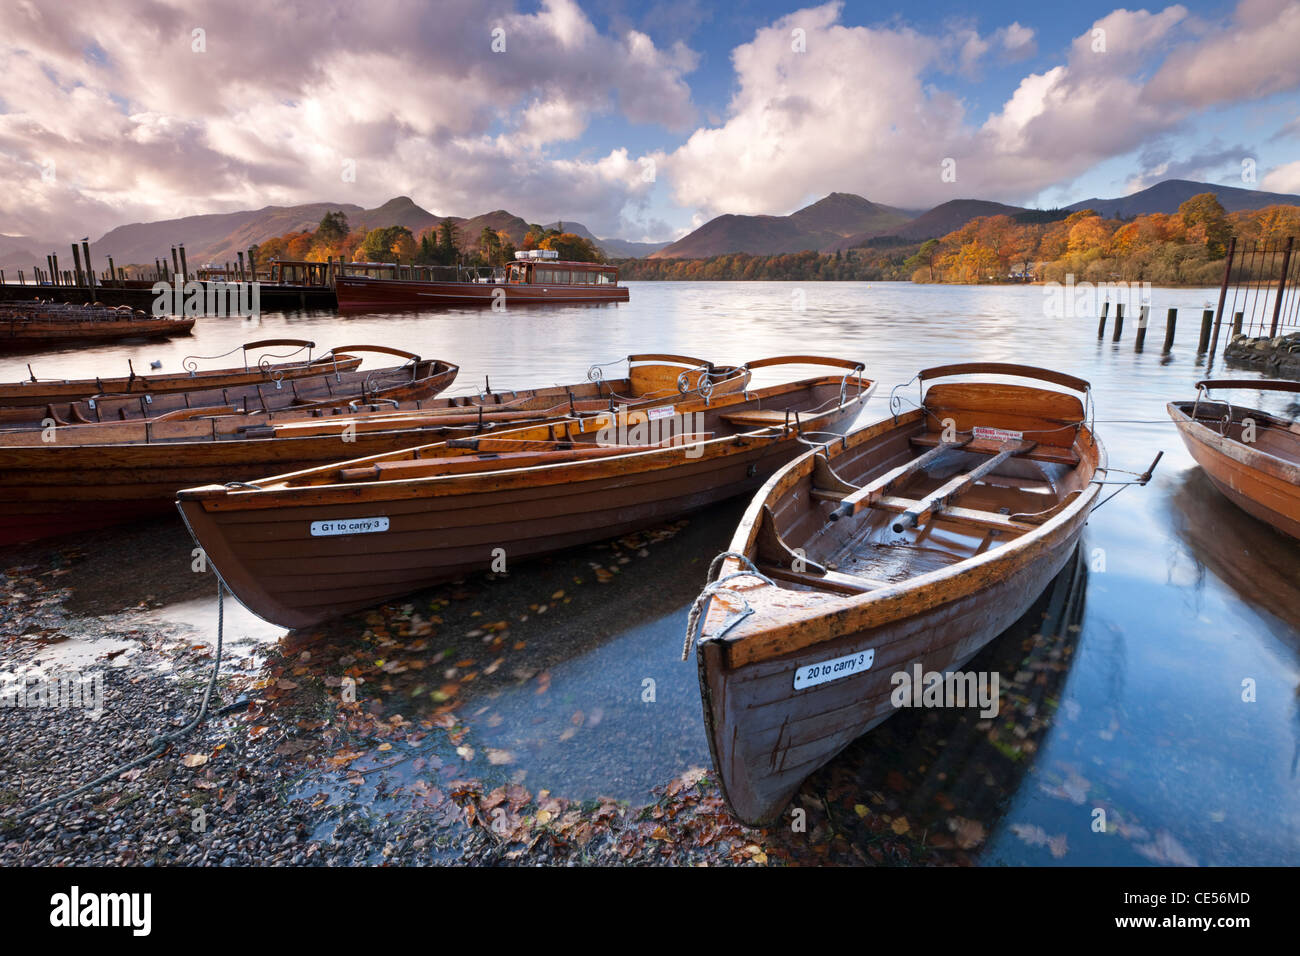 Barques sur l'eau à Derwent Keswick, Lake District, Cumbria, Angleterre. L'automne (novembre) 2011. Photo Stock